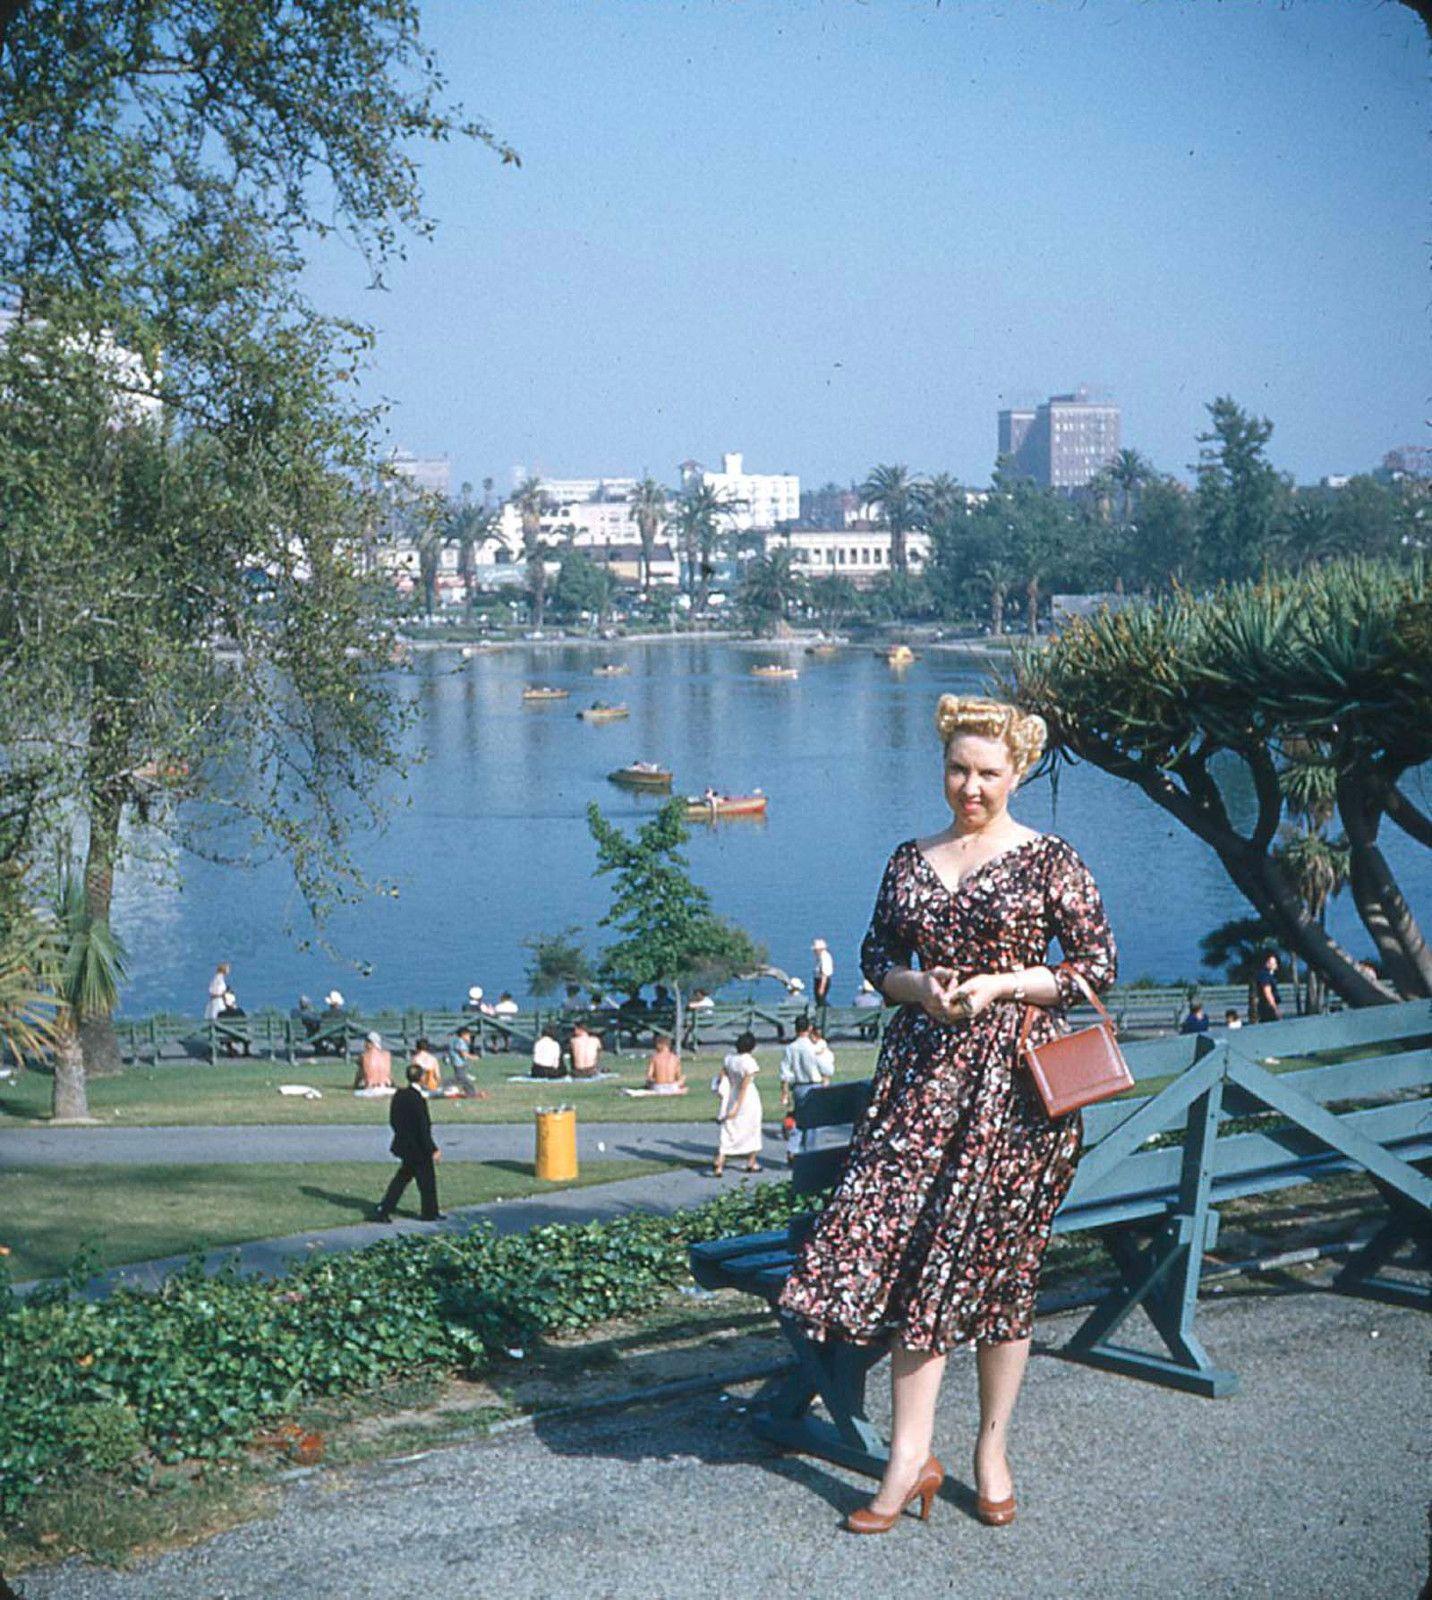 Vintage Park: MacArthur Park, 1950 The Way It